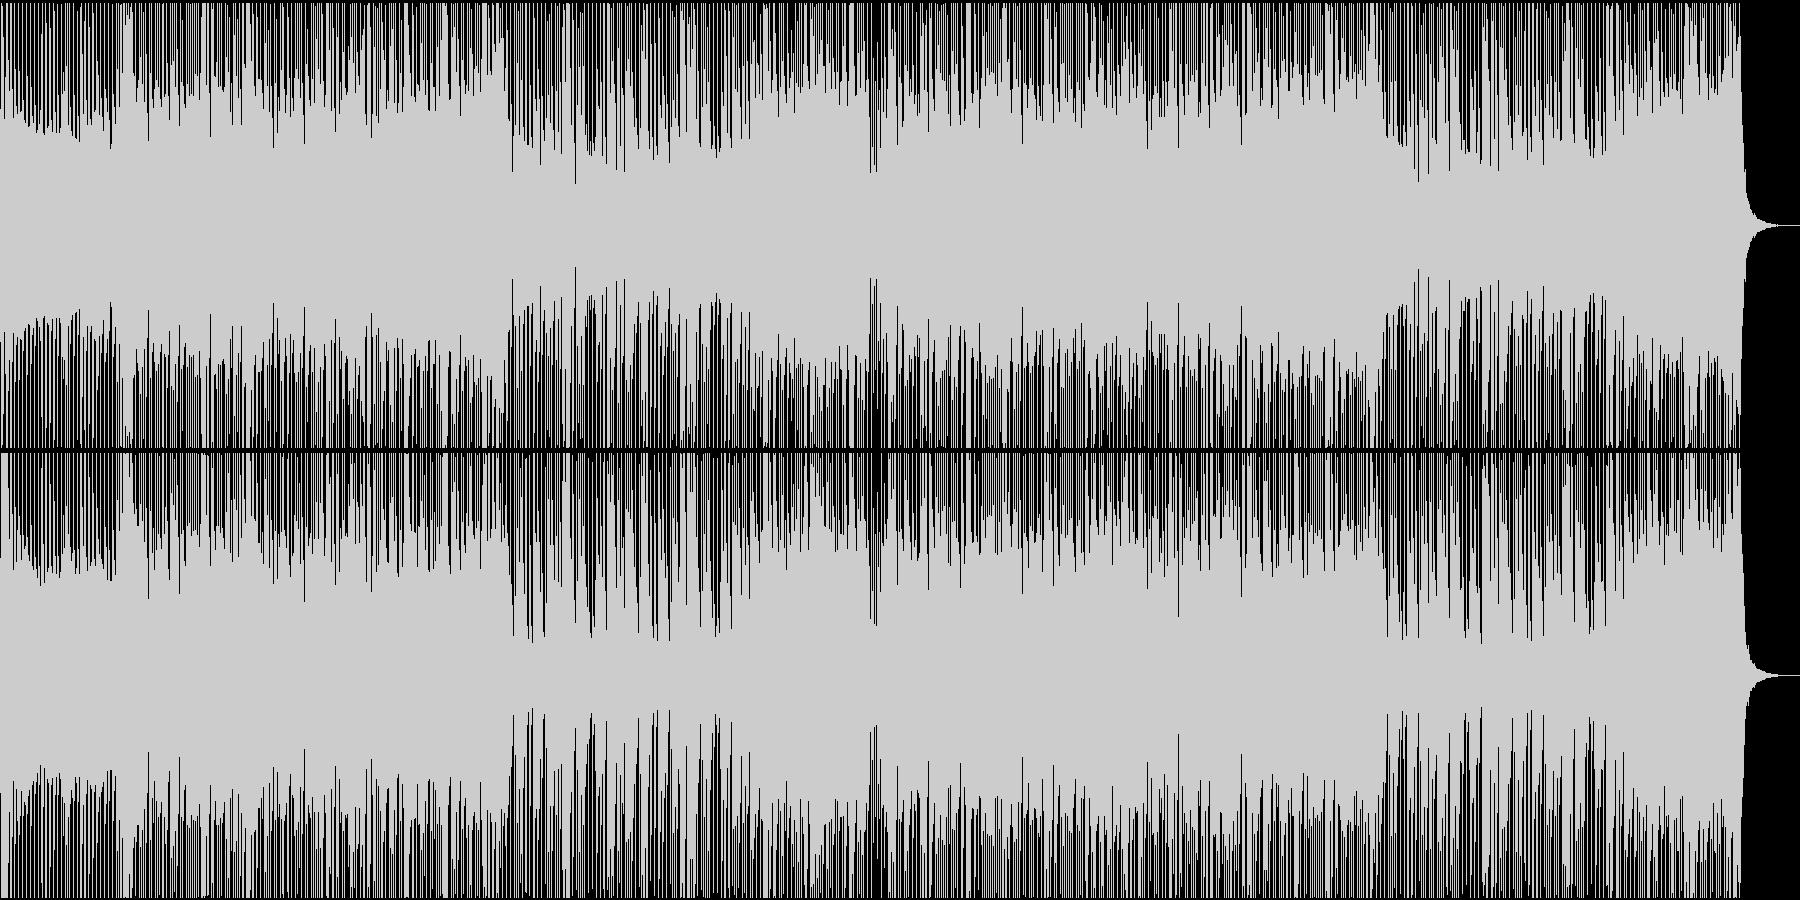 ロック/激しい/重い/バンド/シンセ抜きの未再生の波形